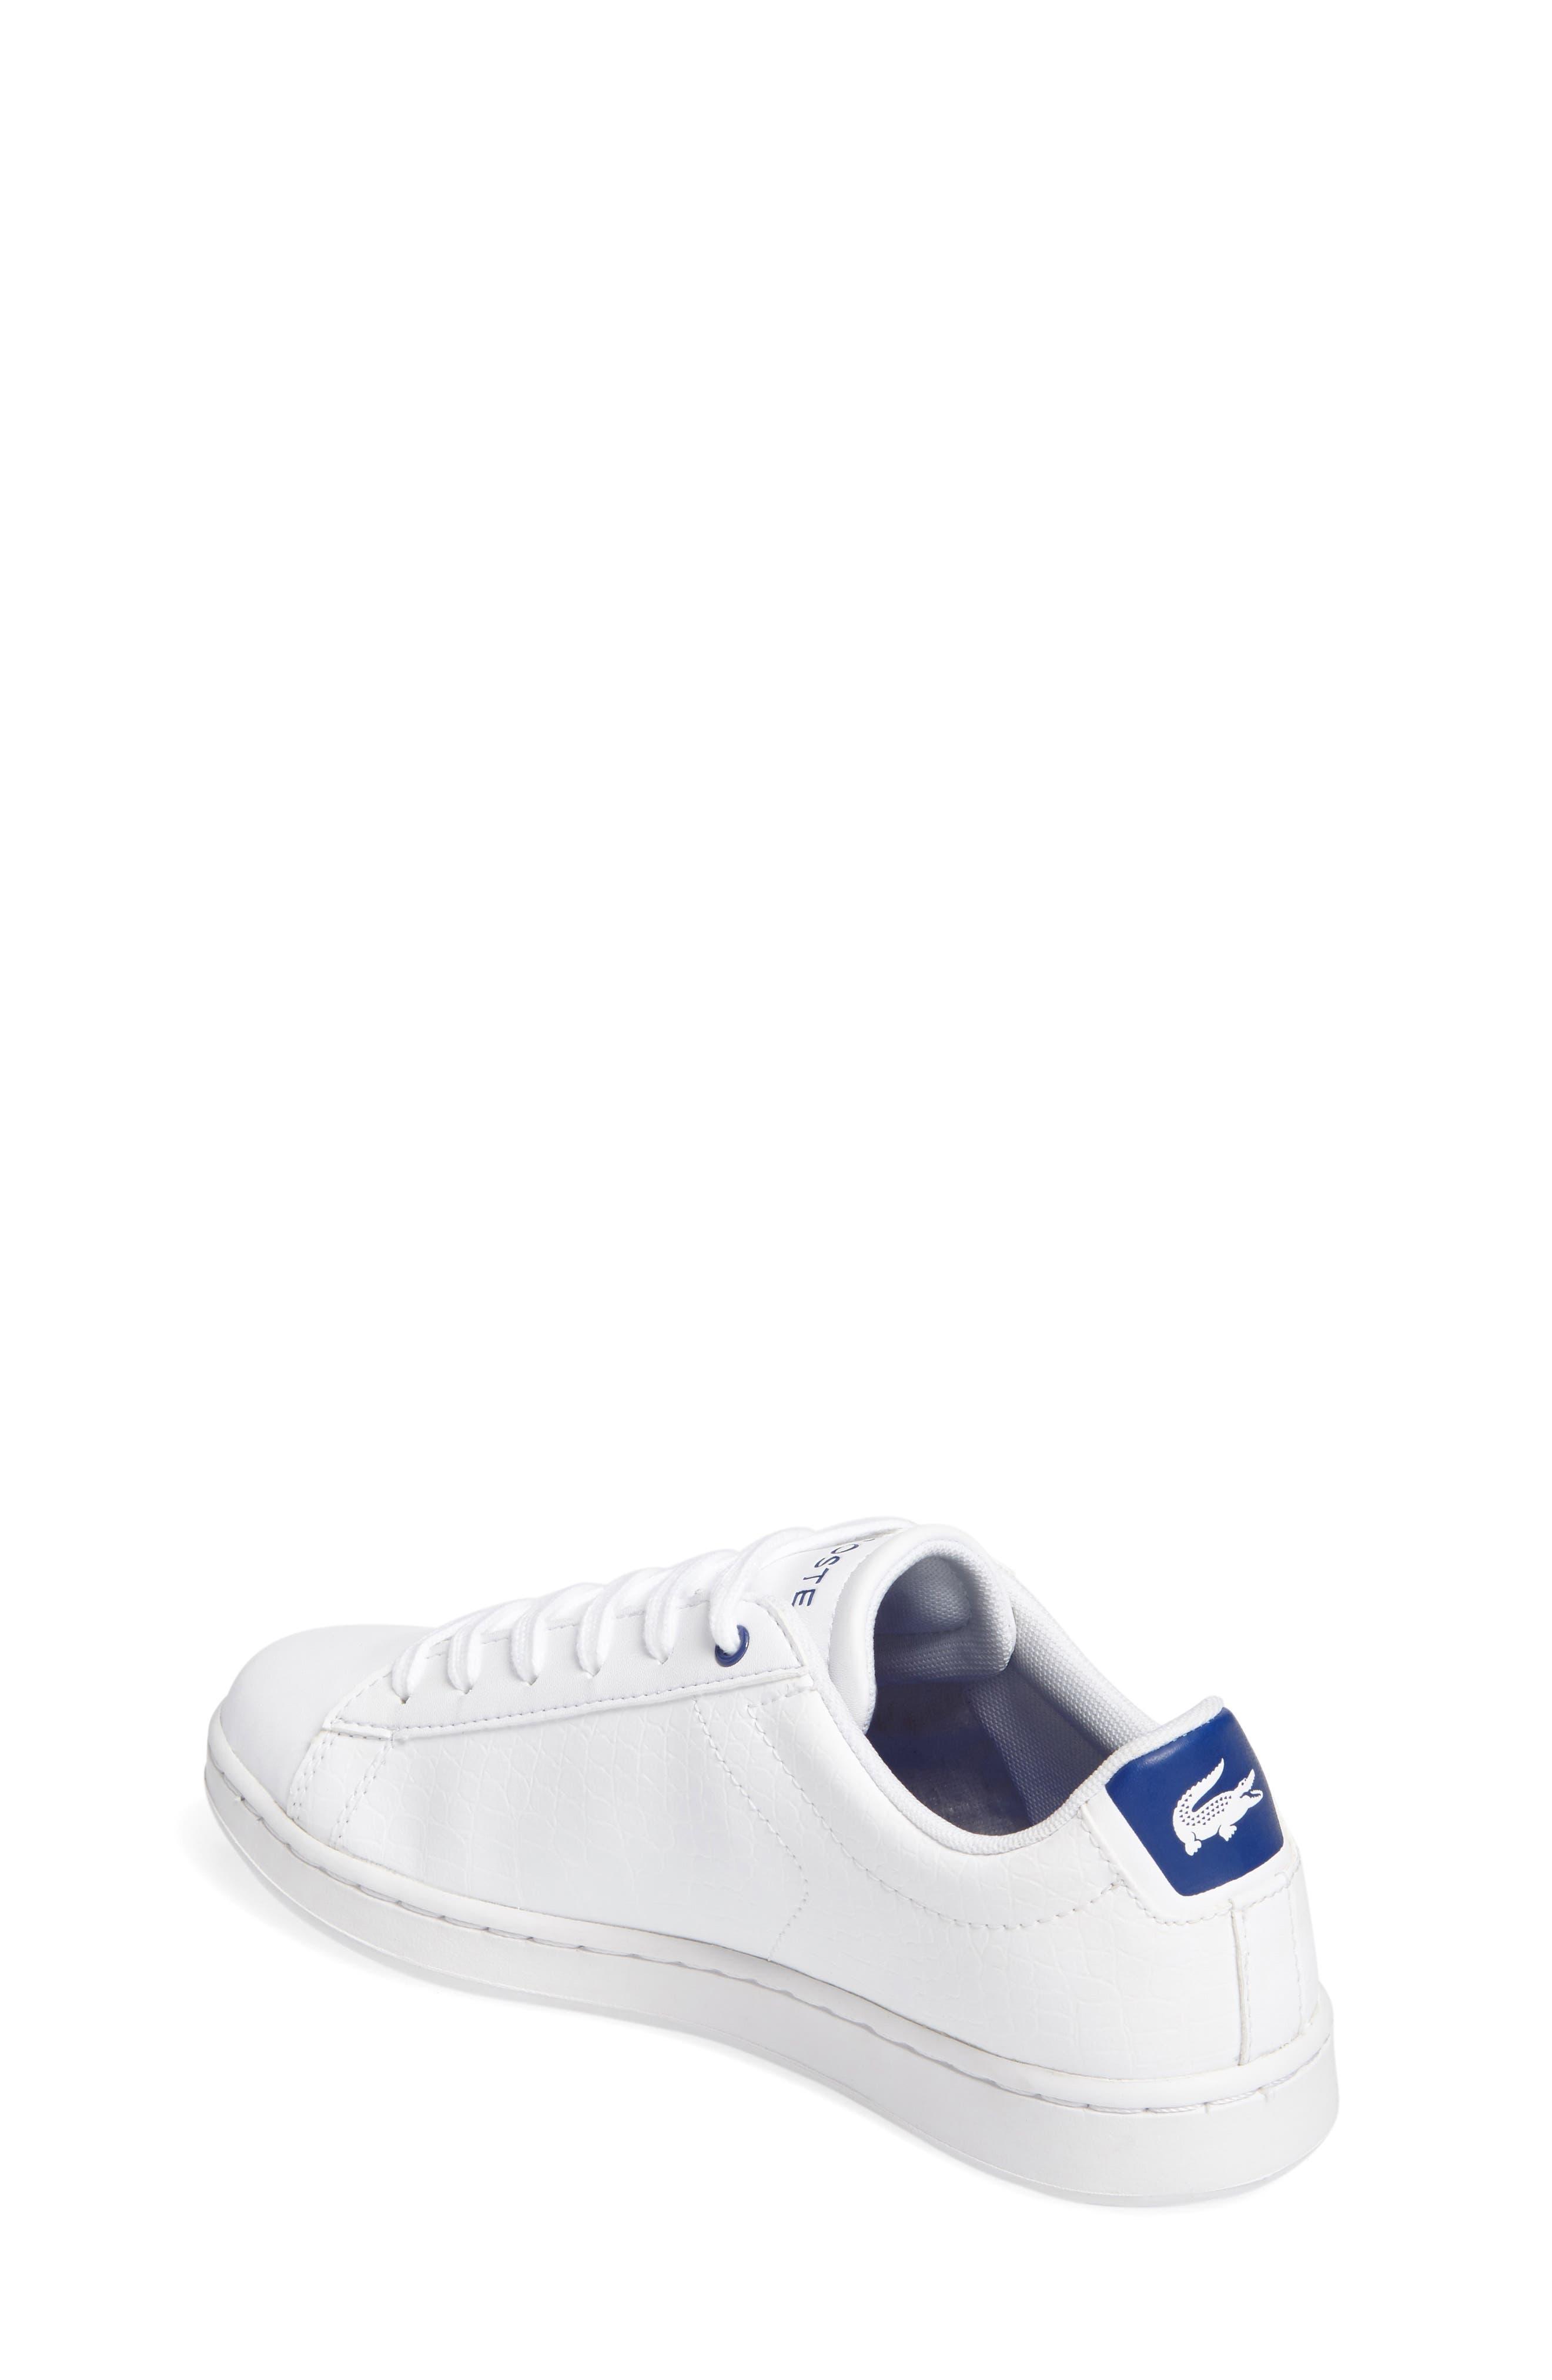 Carnaby EVO Sneaker,                             Alternate thumbnail 2, color,                             White/ Blue